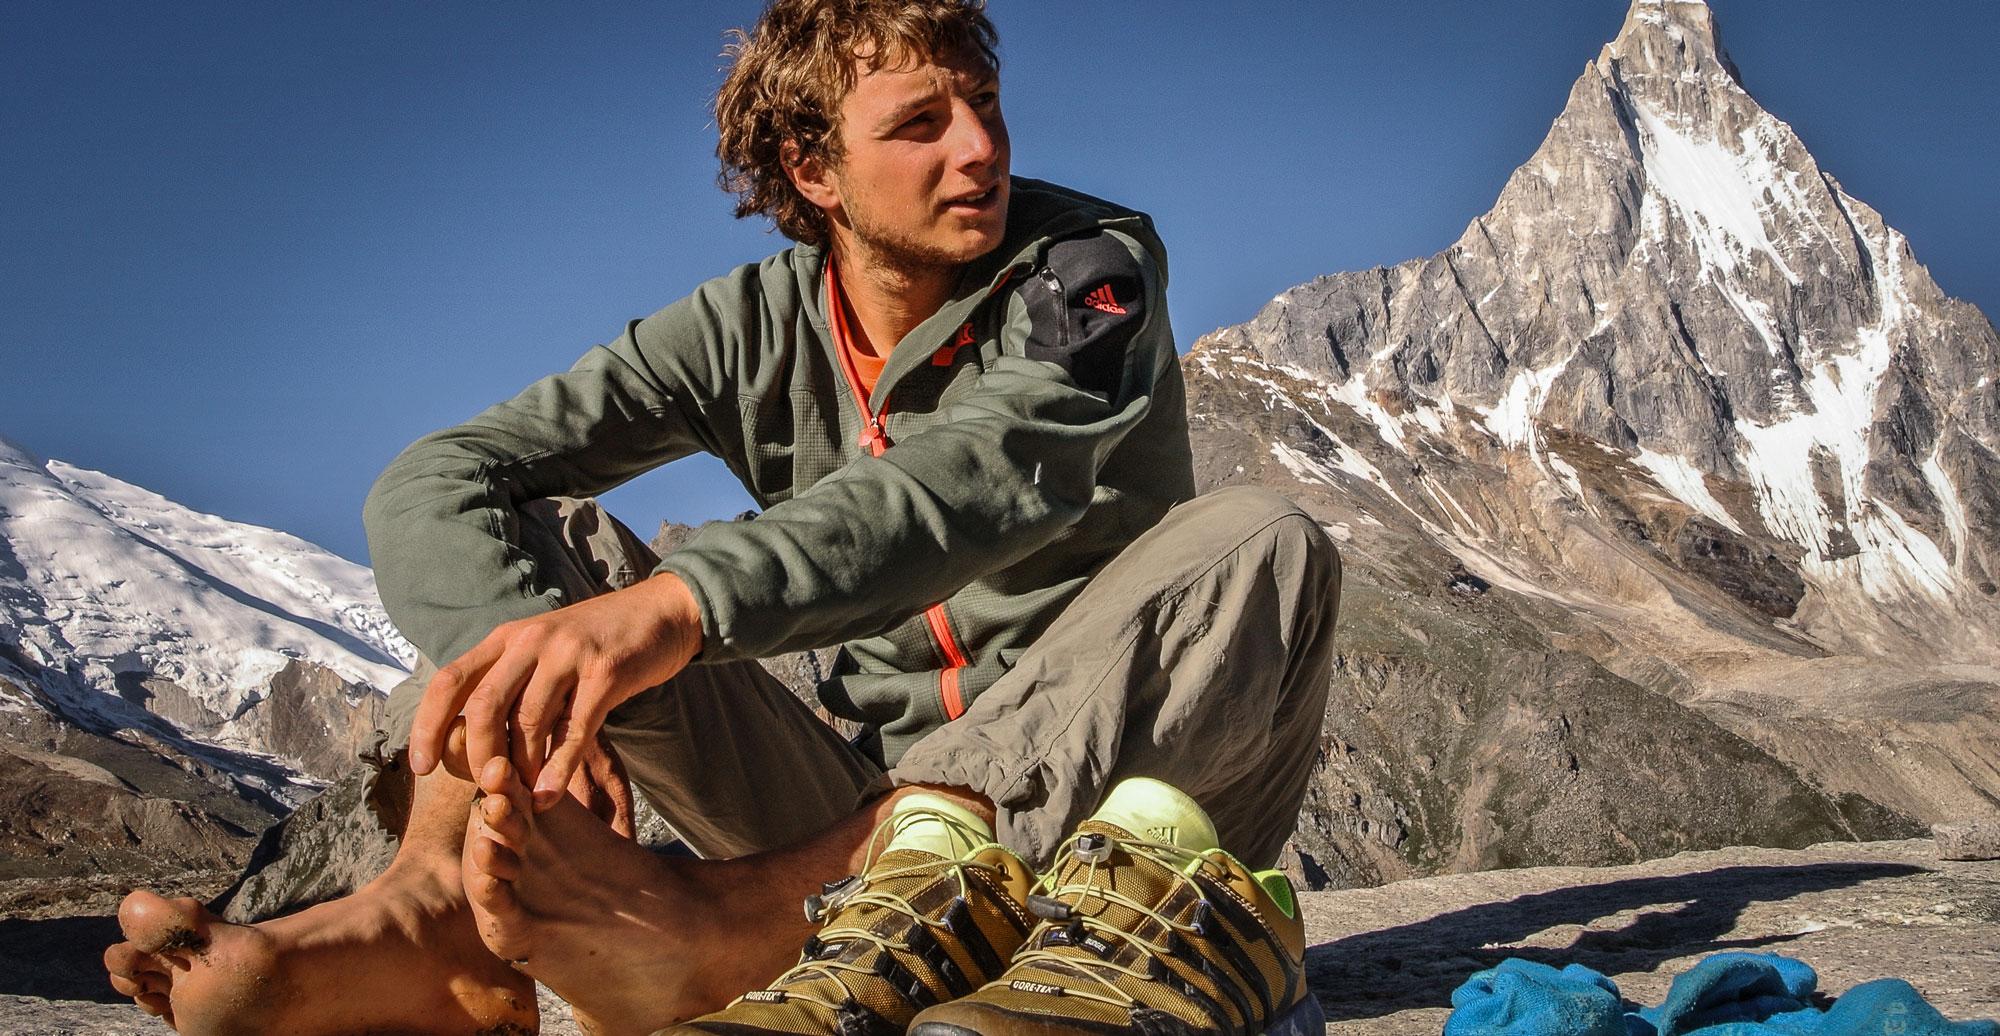 L'Alpinismo con Leggerezza